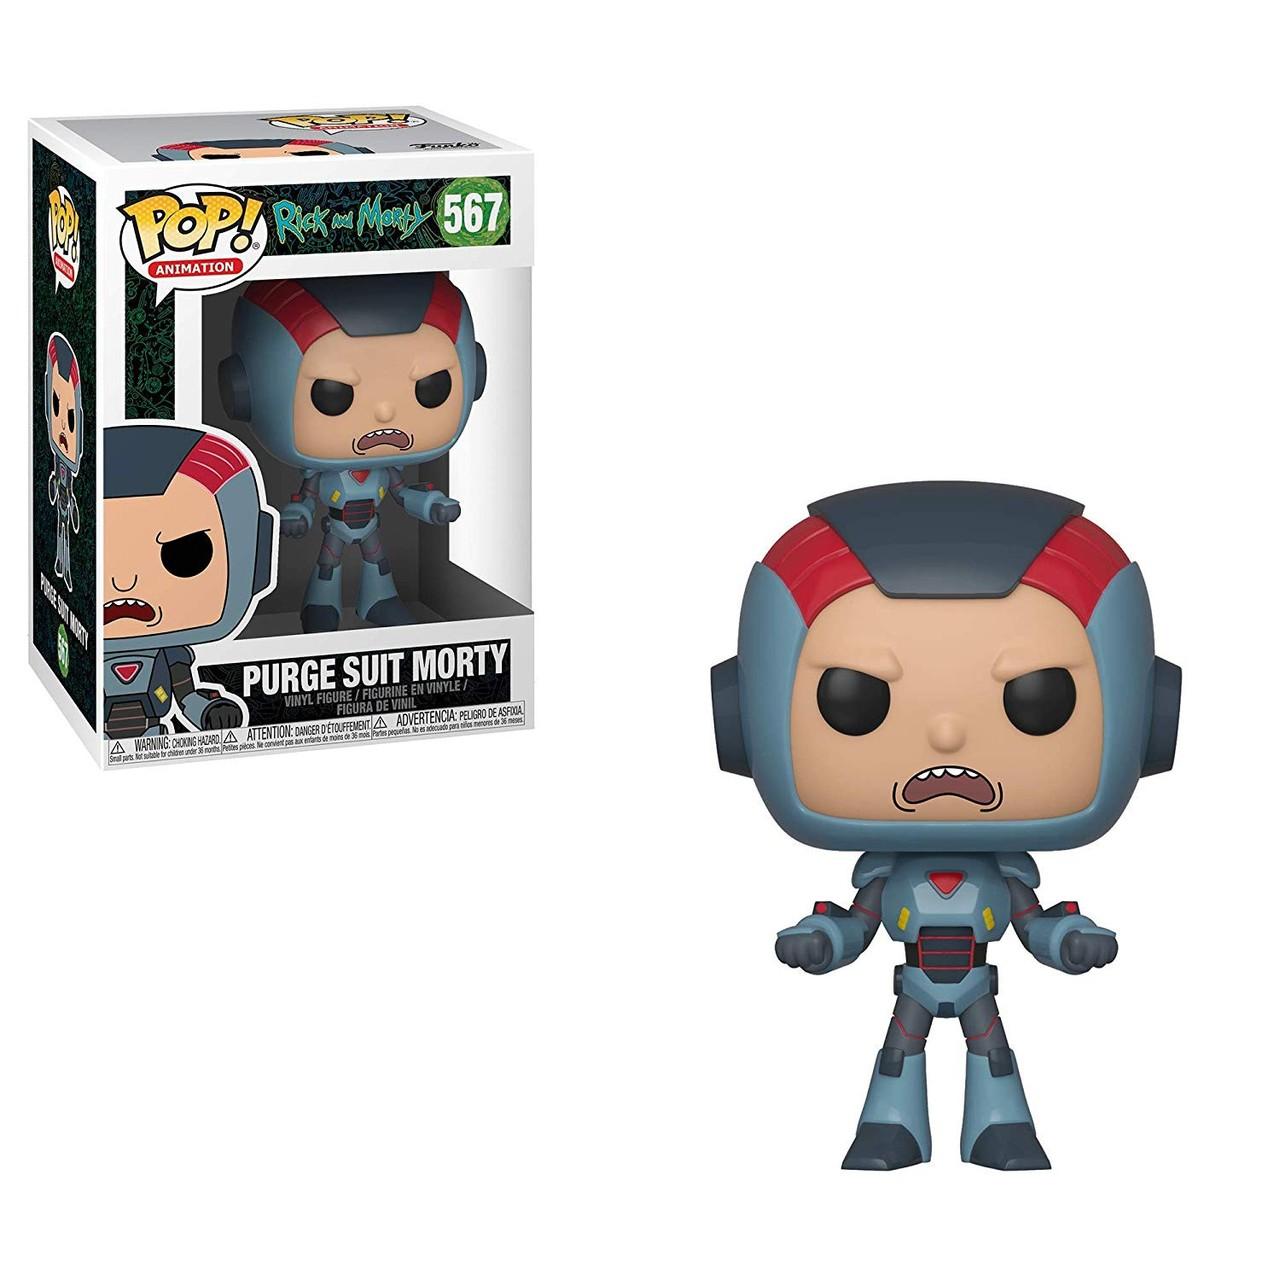 Funko POP! Rick & Morty Purge Suit Morty #567